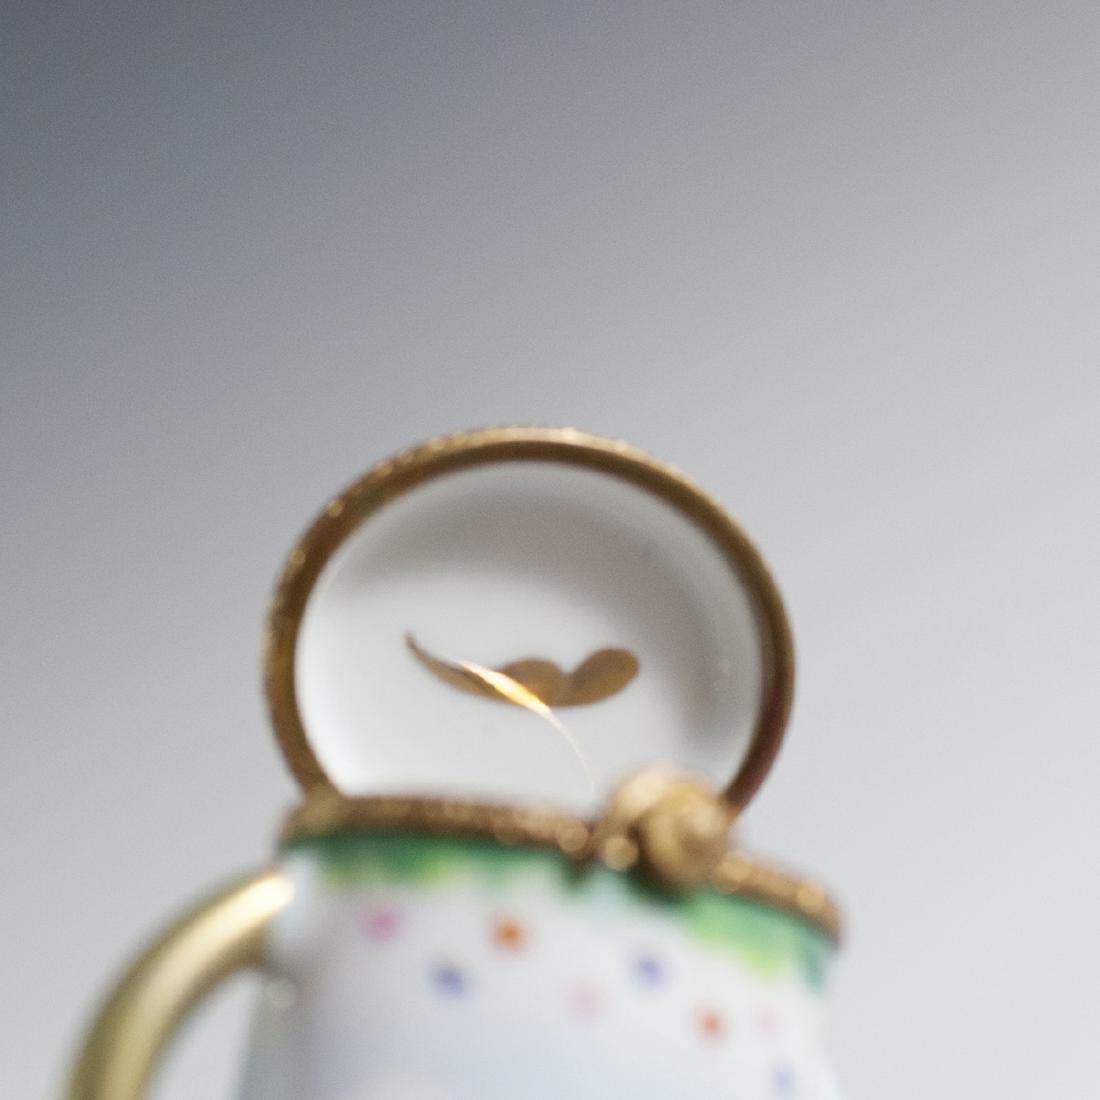 Limoges Porcelain Trinket Box - 4